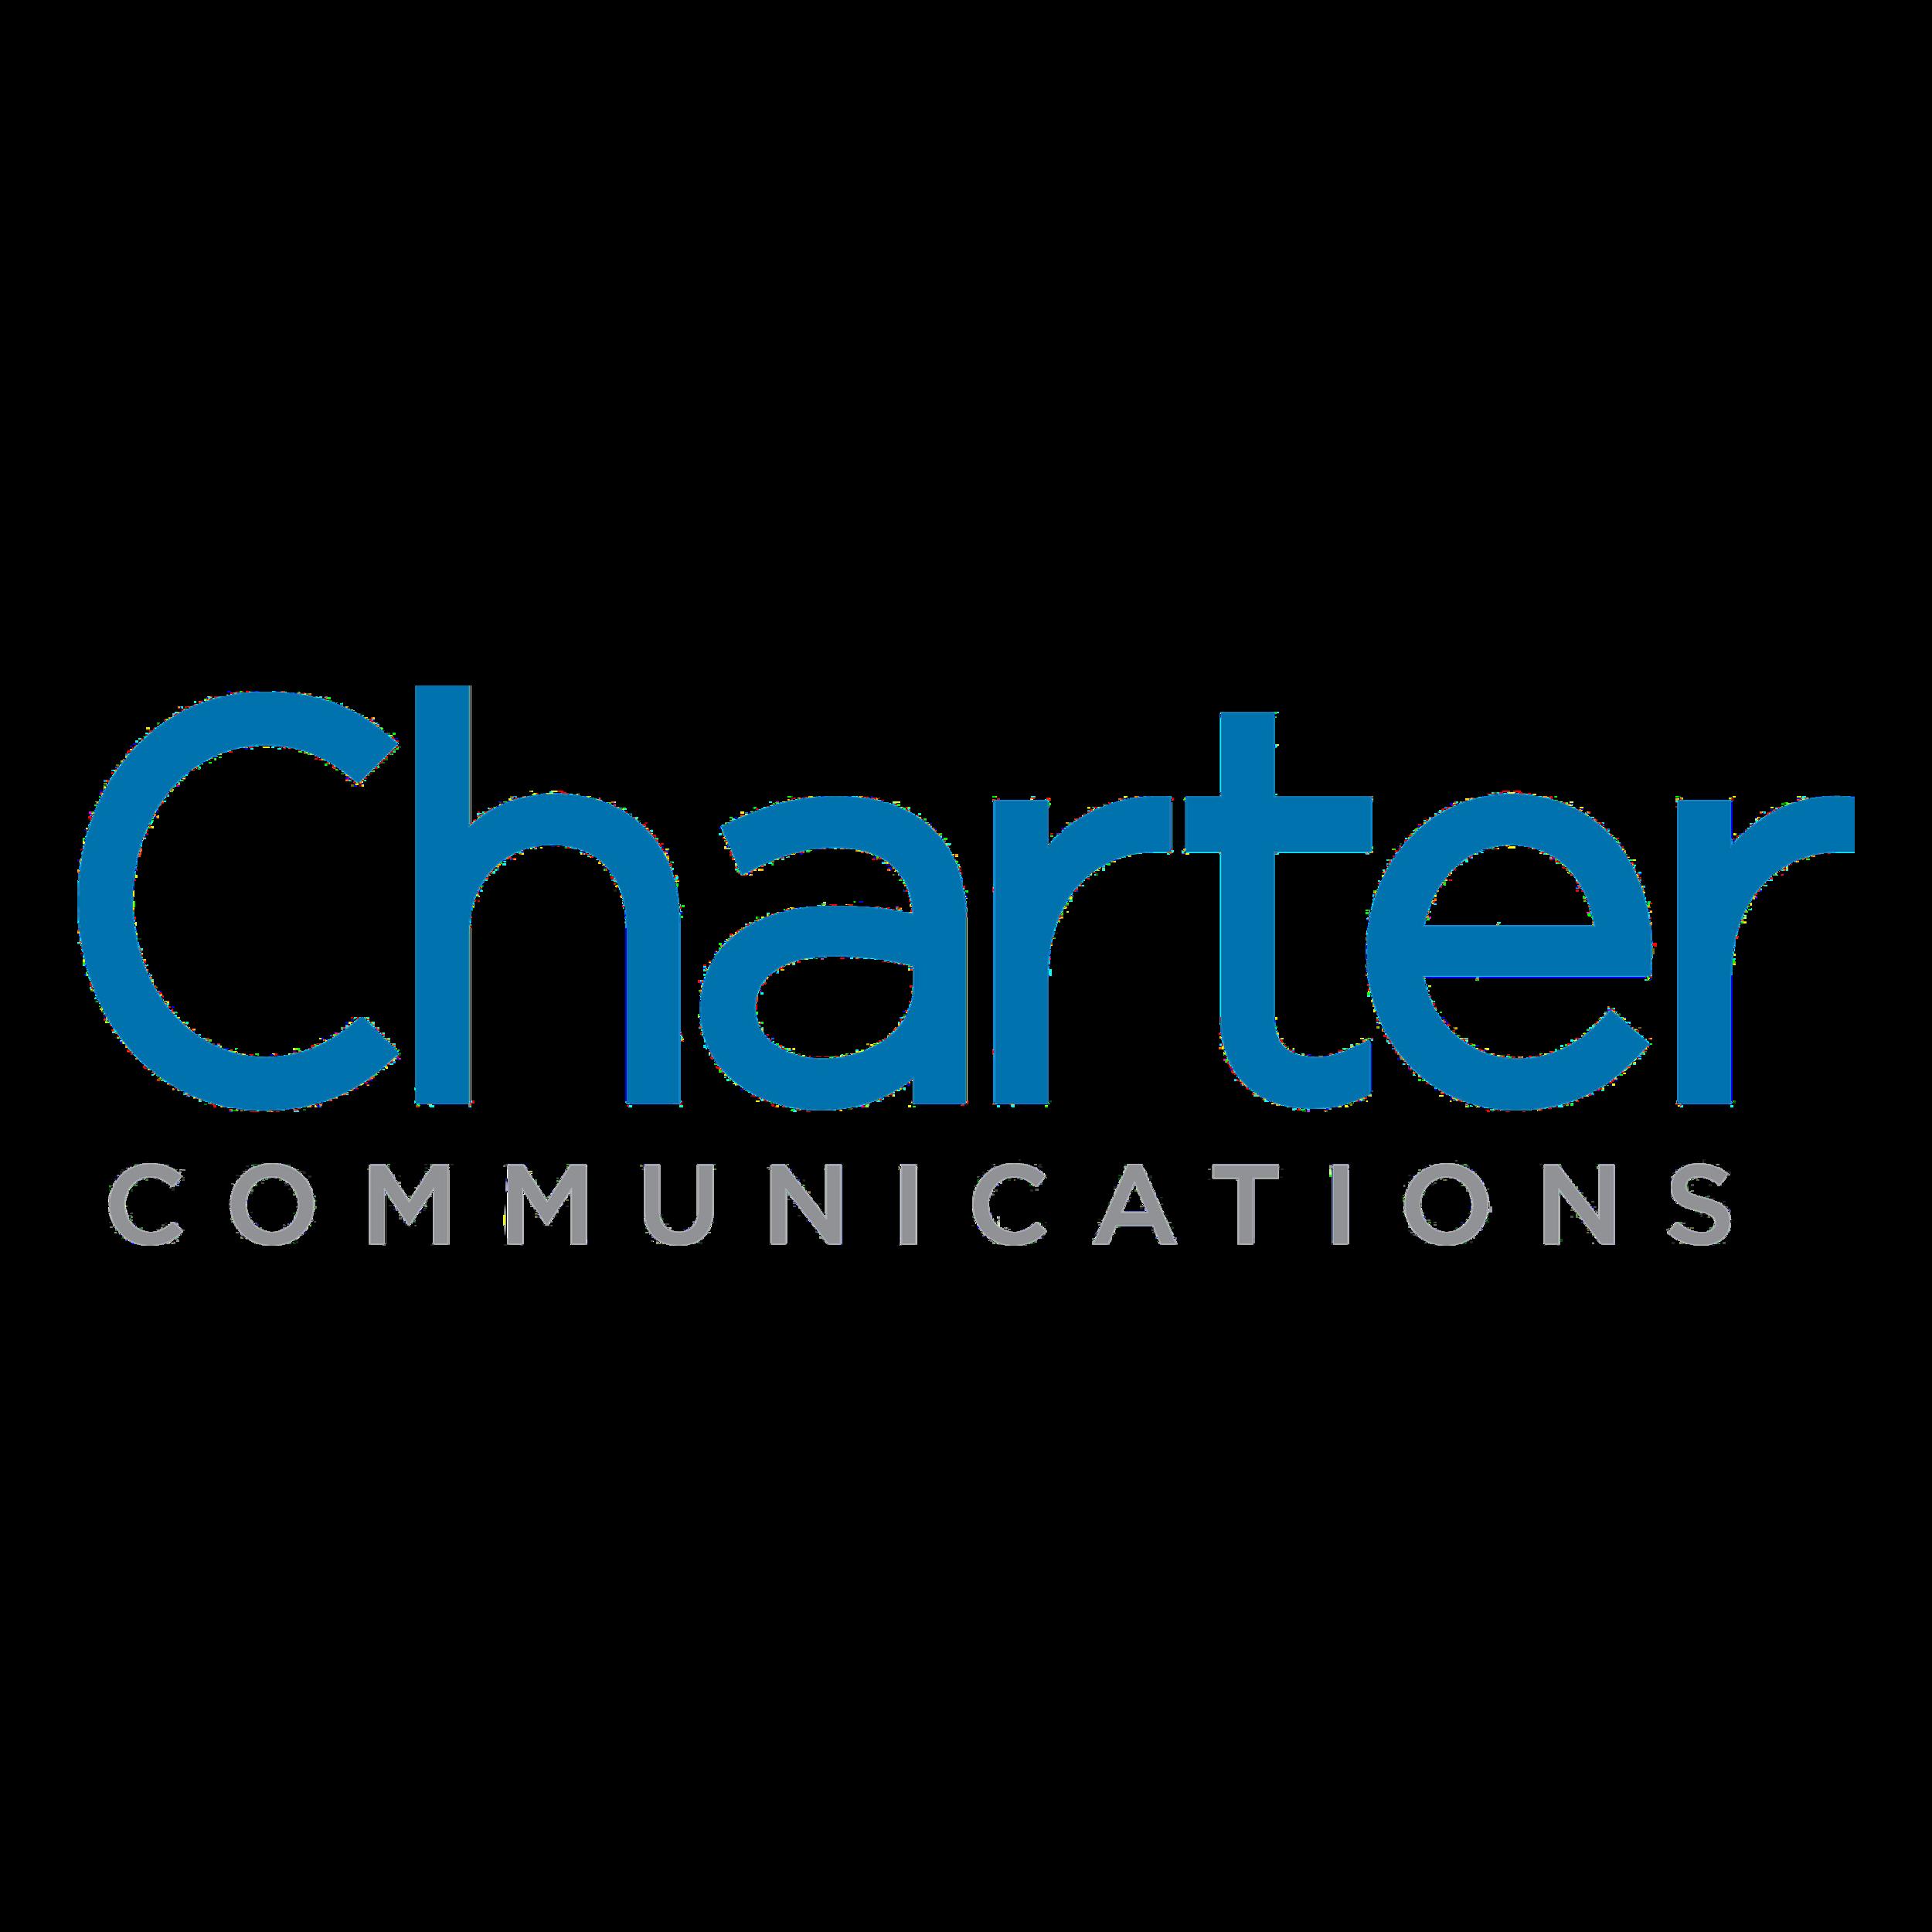 purepng.com-charter-communications-logologobrand-logoiconslogos-2515199383979knwj copy.png